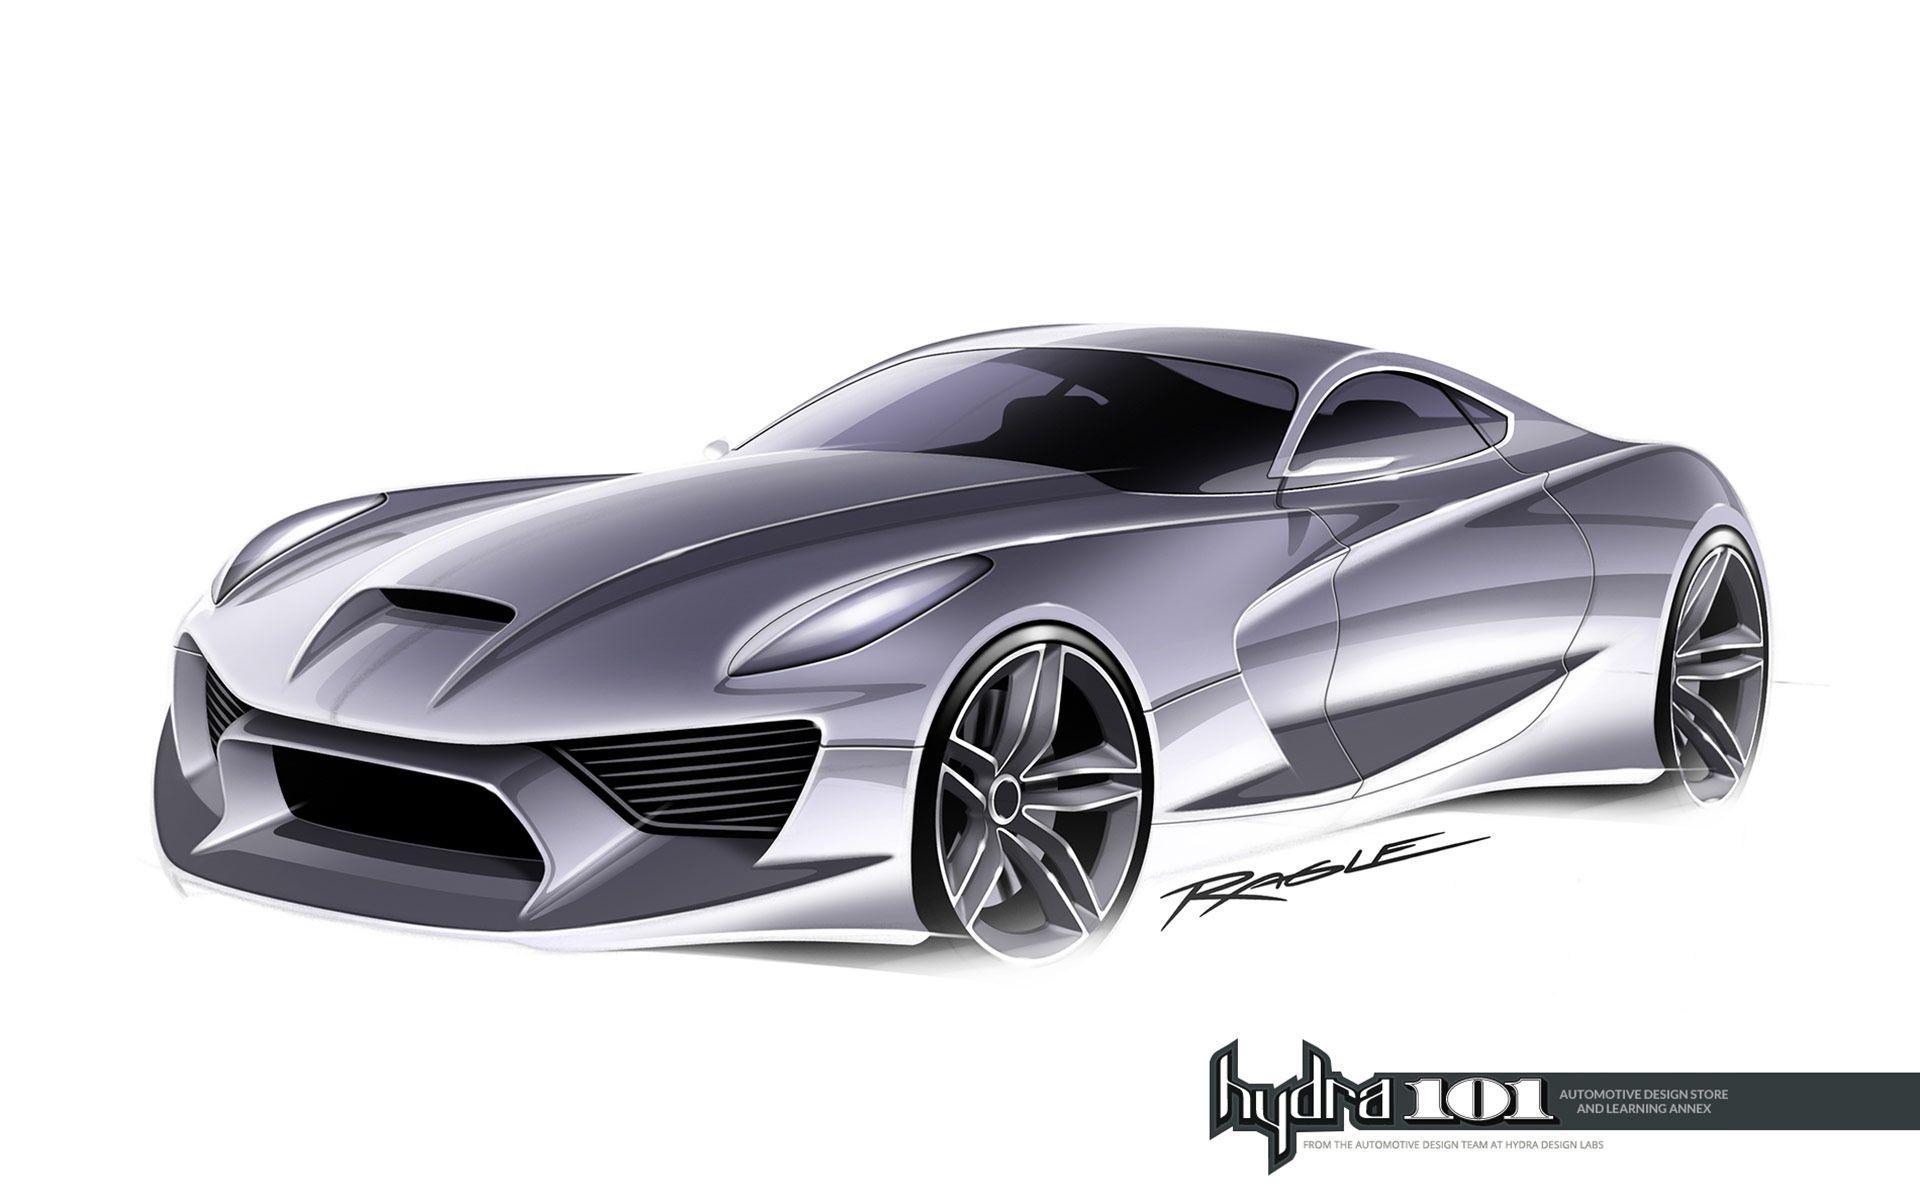 Supercar Design Sketch By Gary Ragle Car Body Design